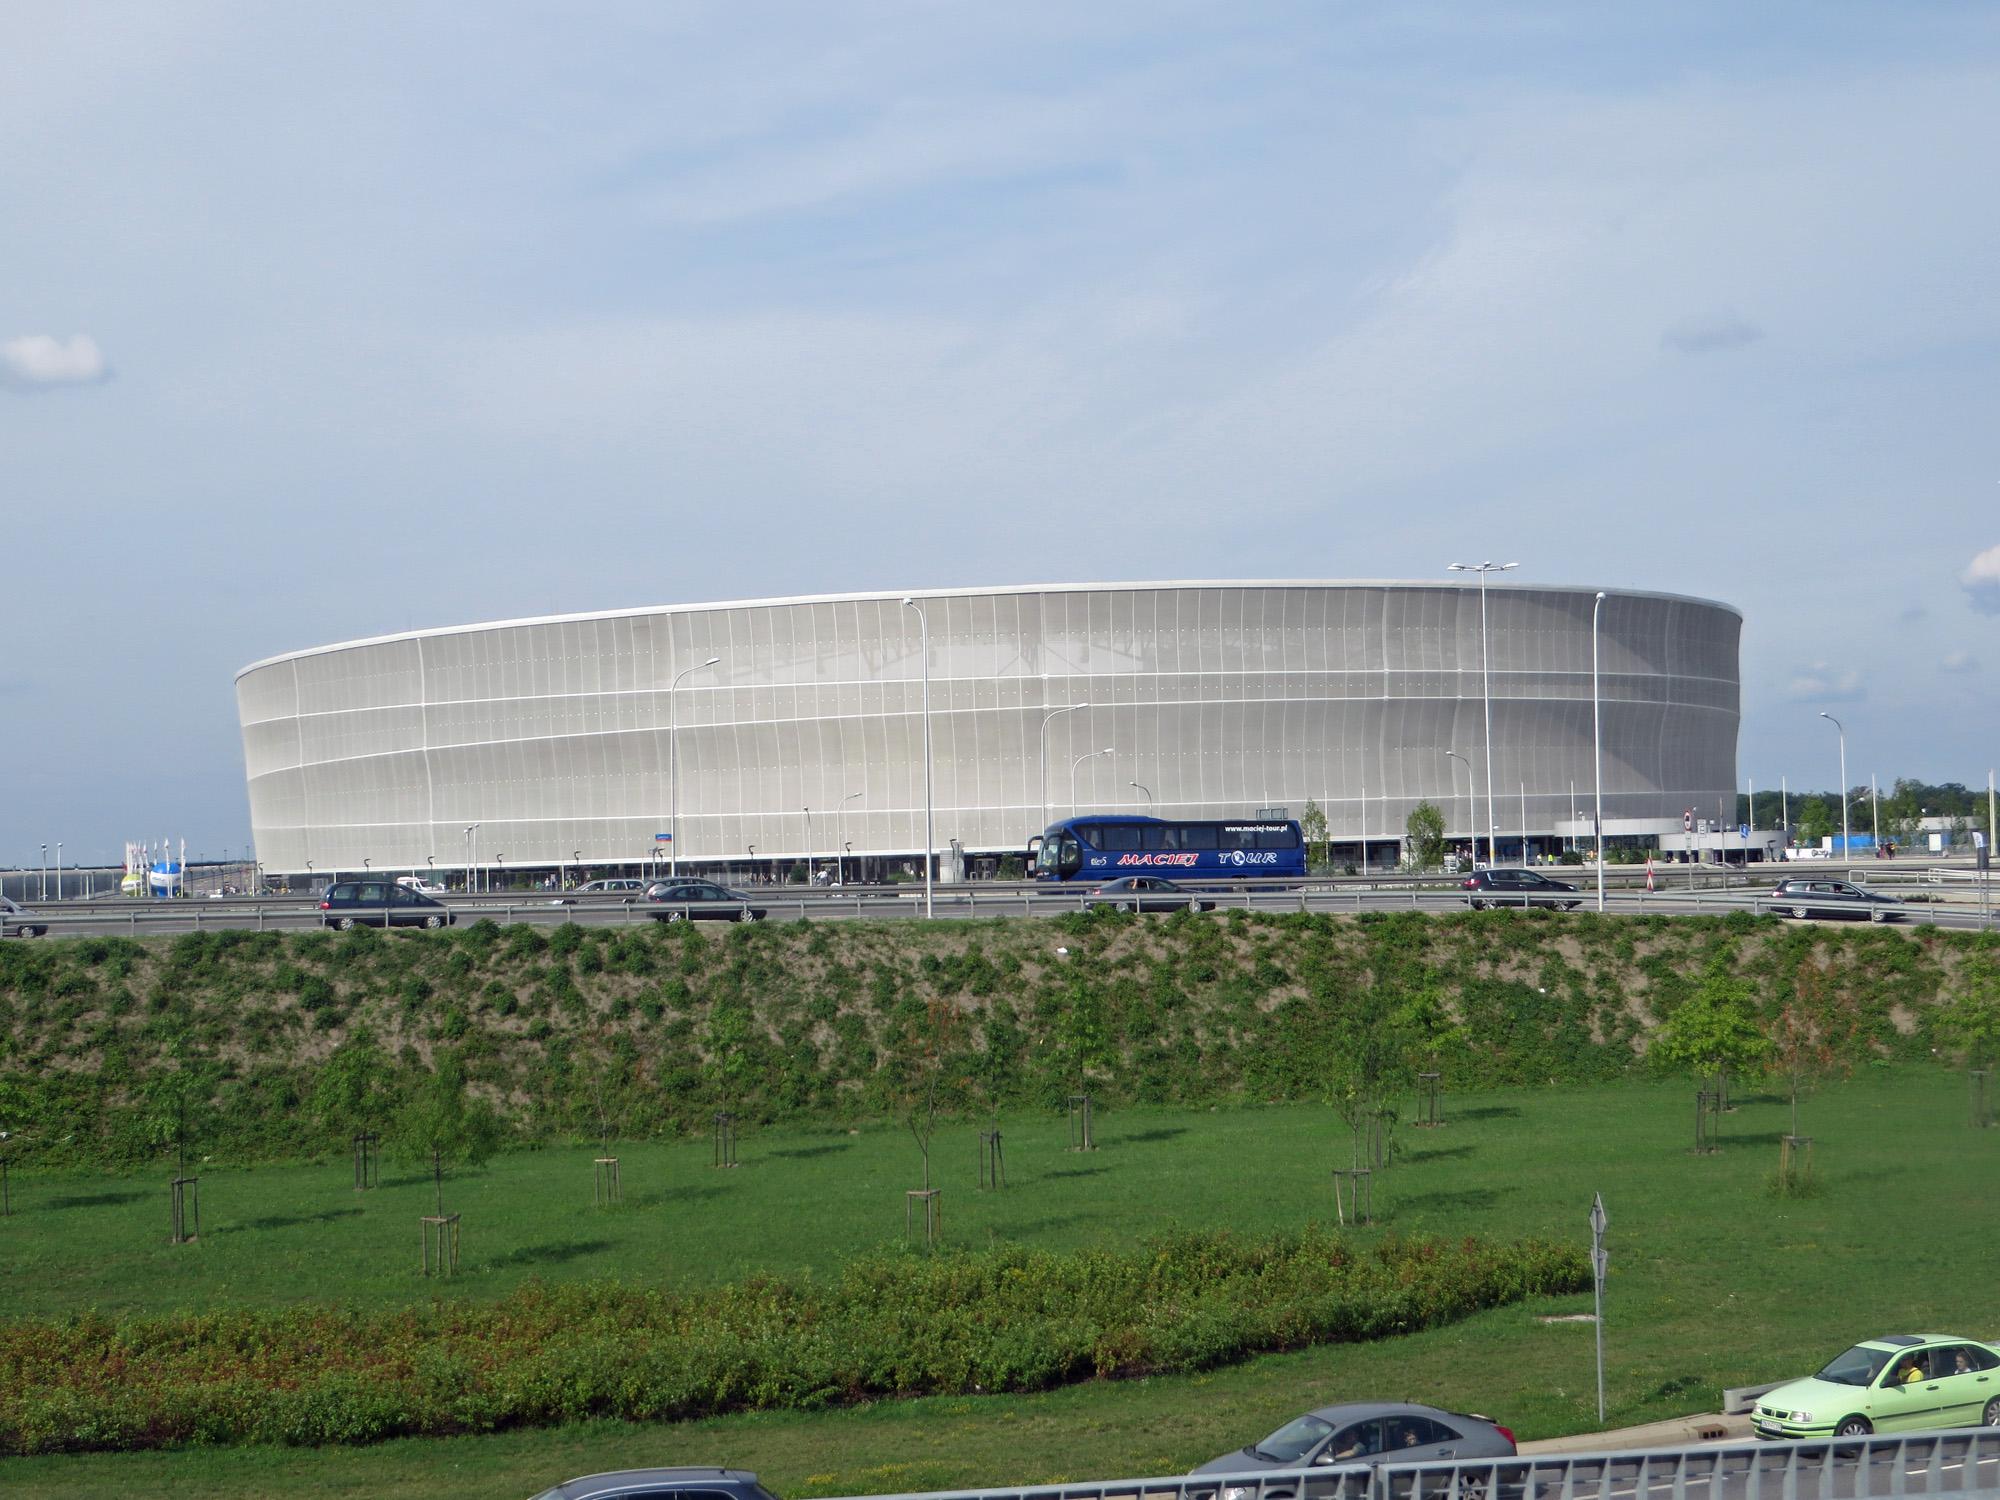 Das Stadion in Wroclaw, gebaut zur EM 2012